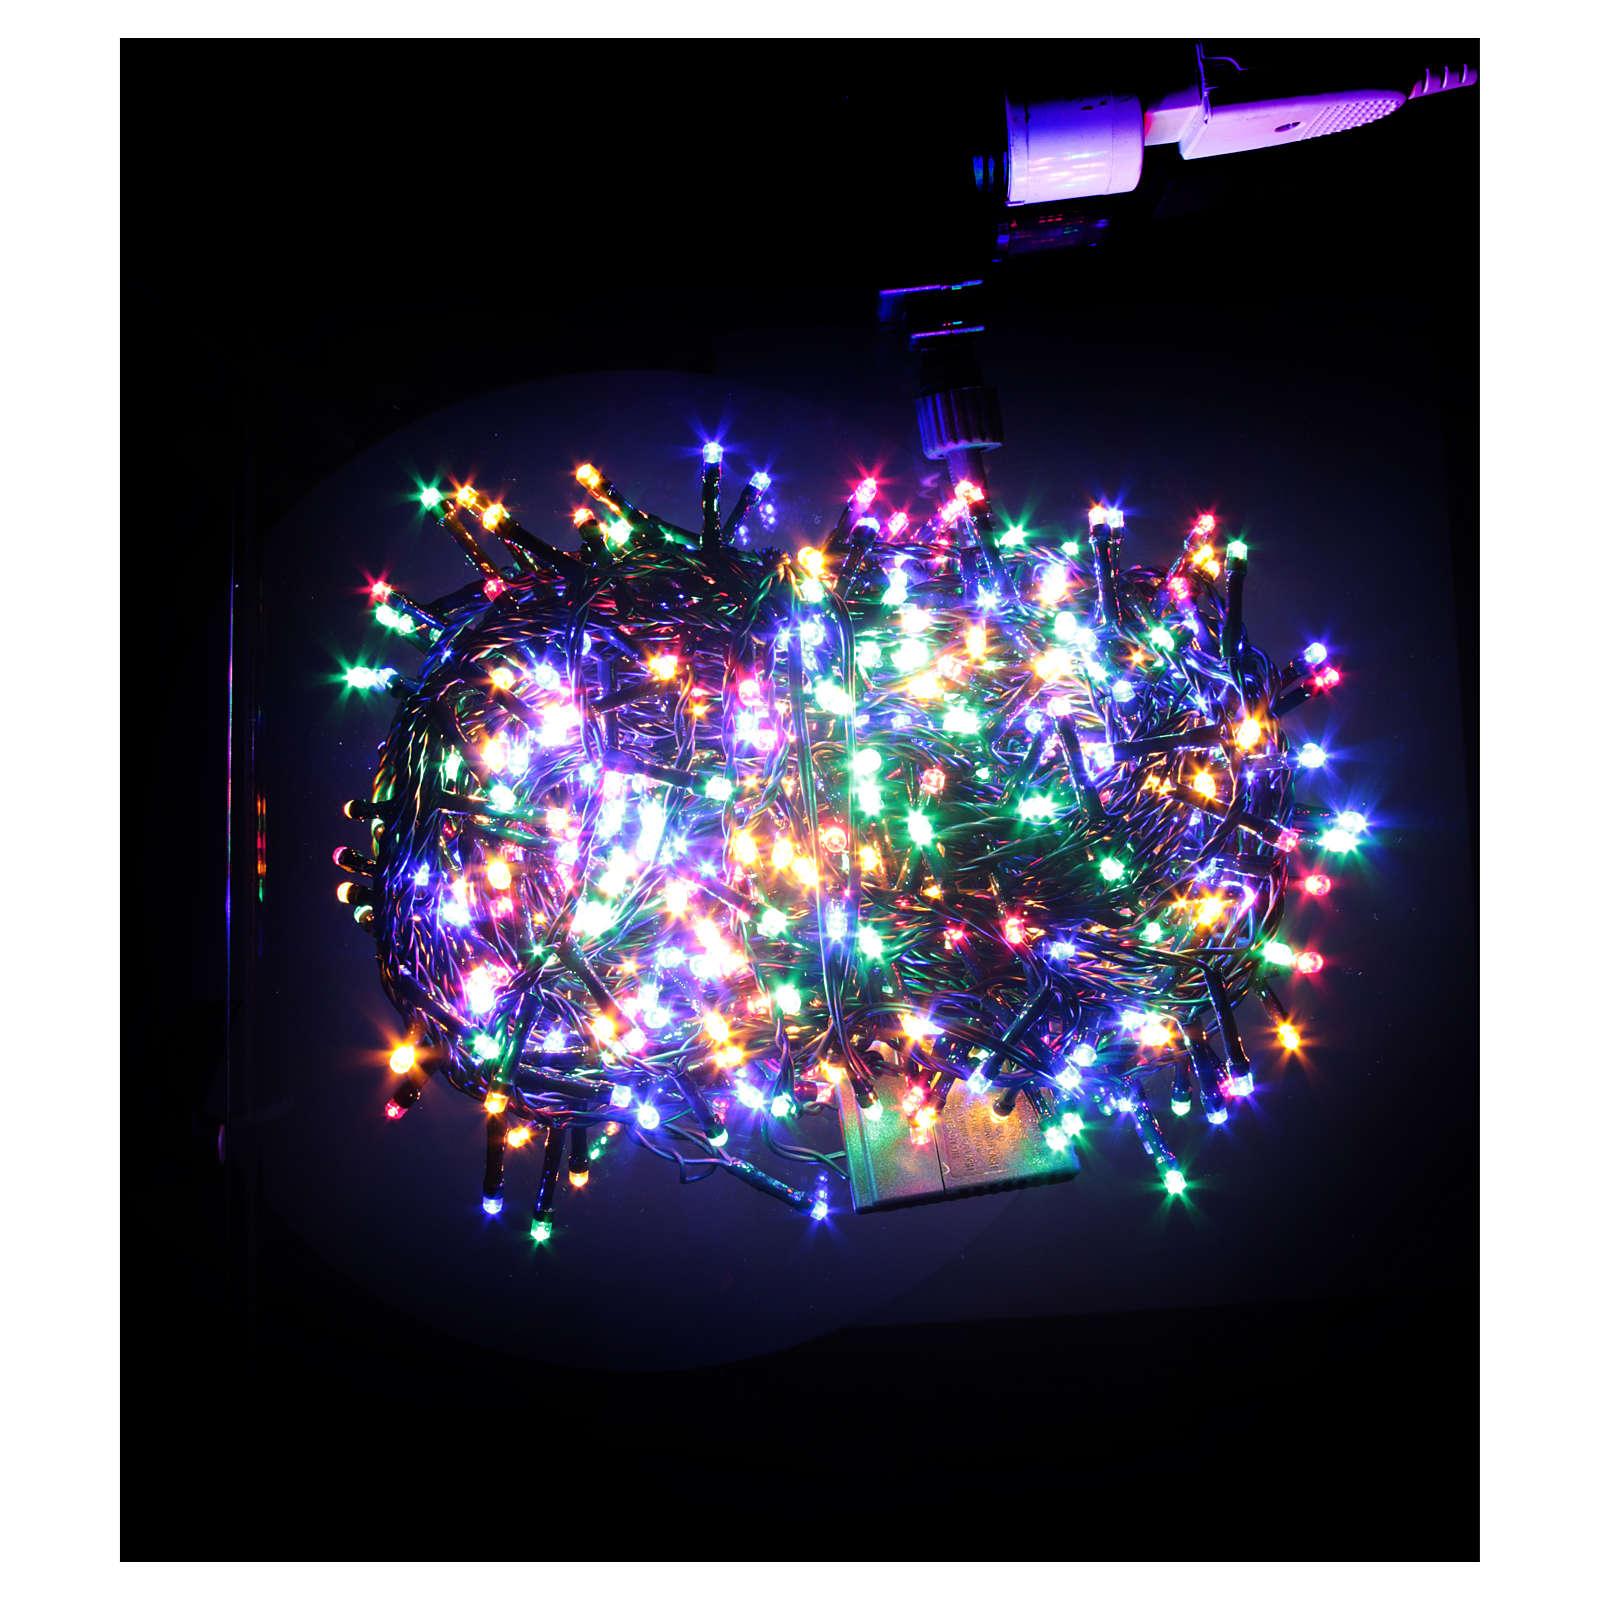 clairage no l cha ne 1000 leds multicolores ext rieur programmable vente en ligne sur holyart. Black Bedroom Furniture Sets. Home Design Ideas